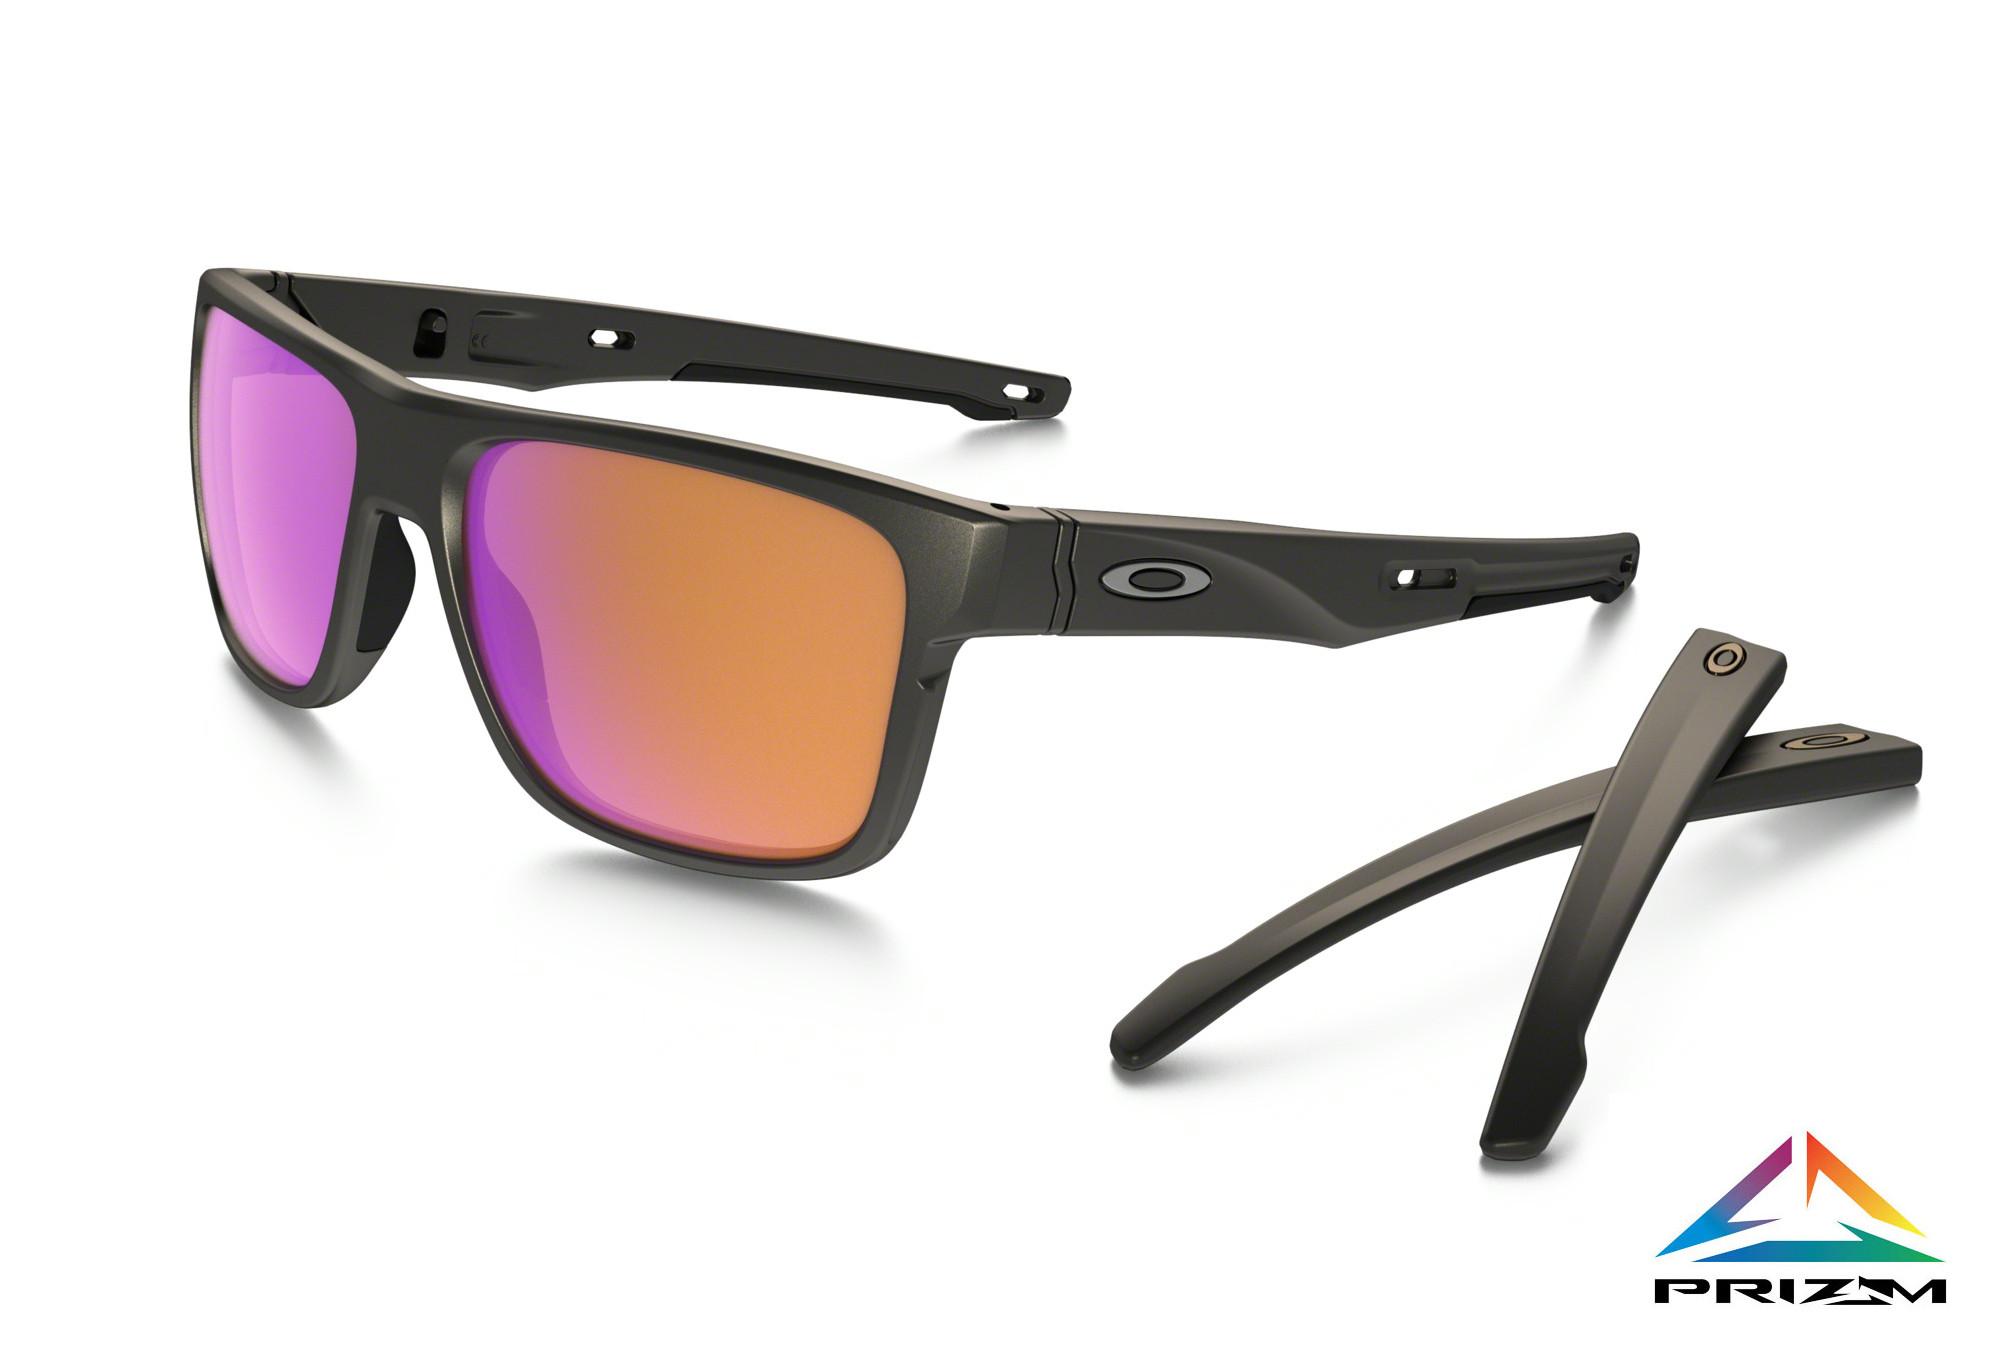 bc73839776e13 OAKLEY Sunglasses Crossrange Carbon Prizm Trail Ref OO9361-0357 ...